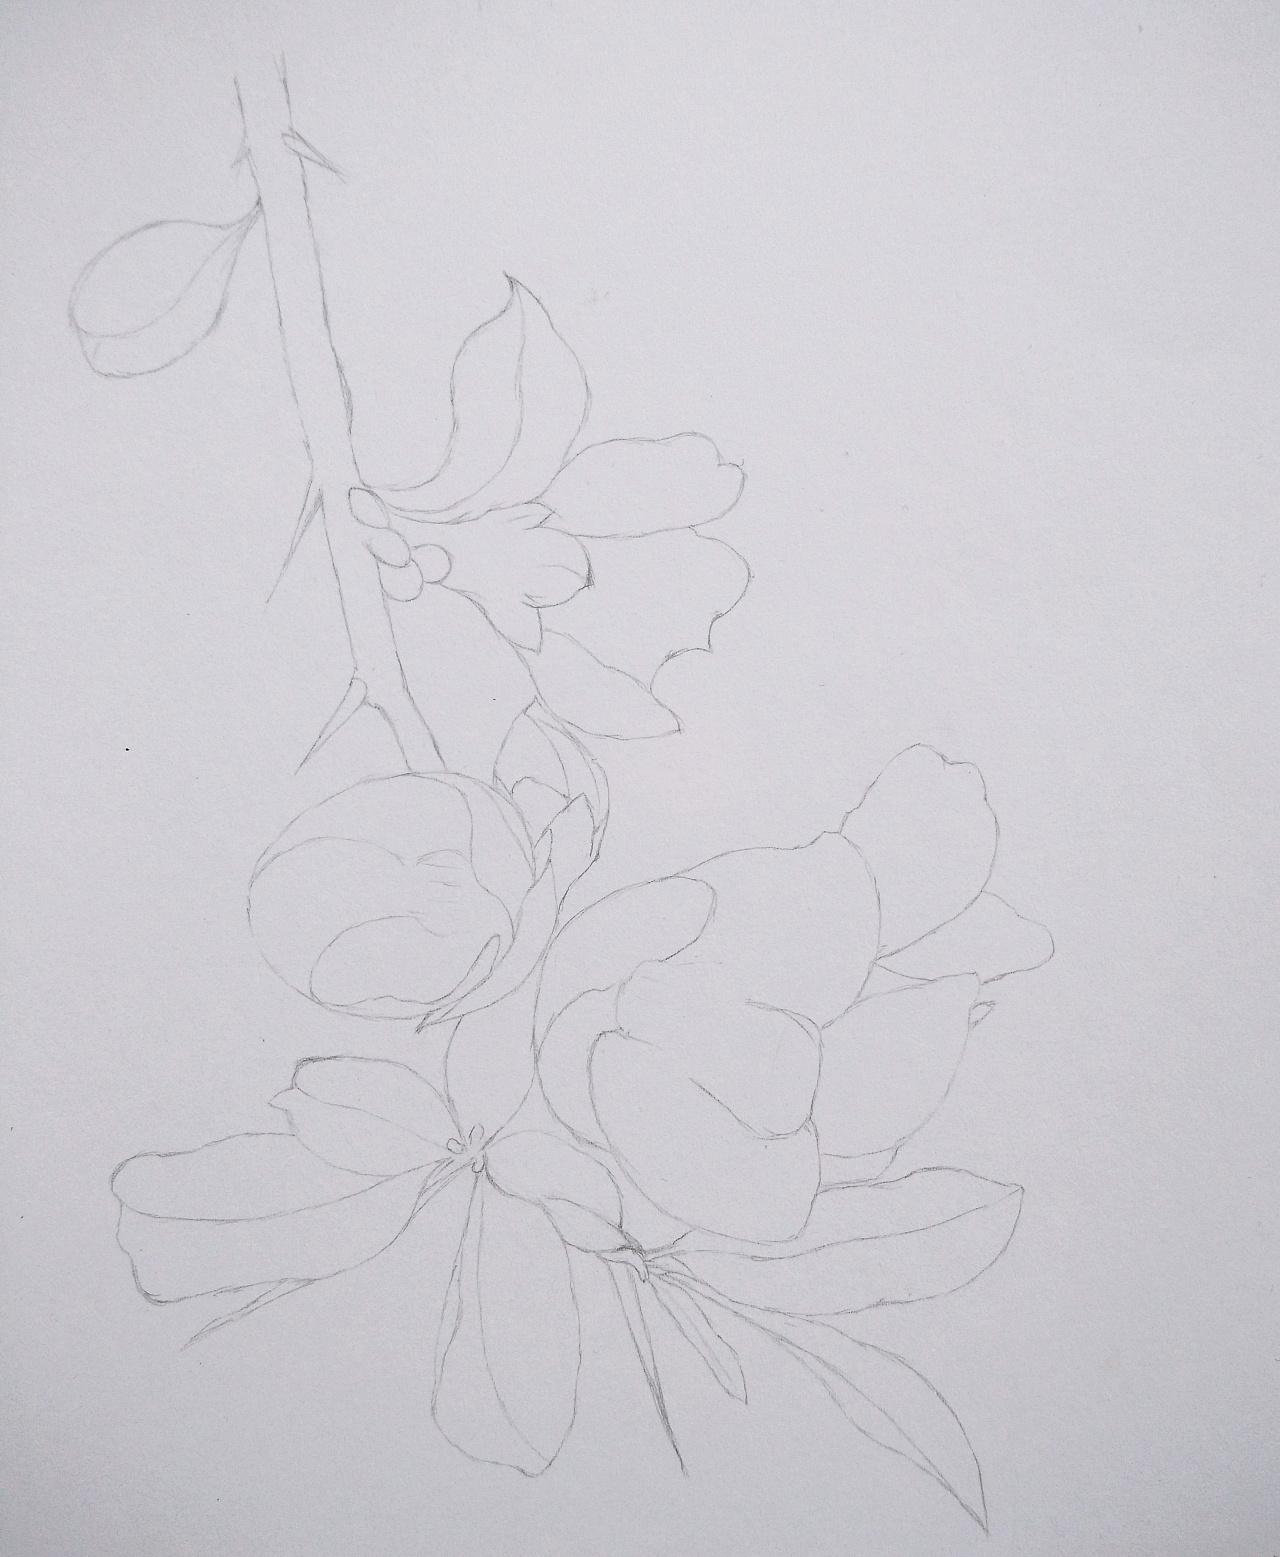 素描彩铅花朵图片简单彩铅手绘花朵画彩铅手绘花